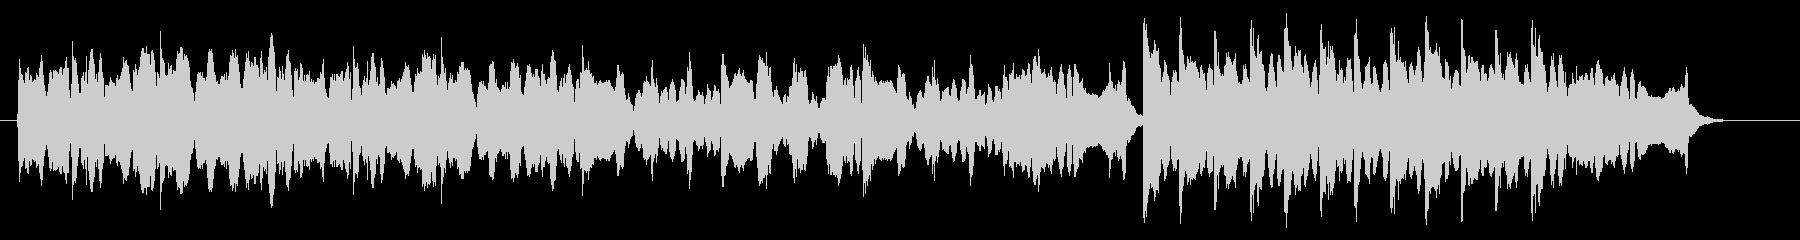 フィドルによる陽気なケルト・アイリッシュの未再生の波形